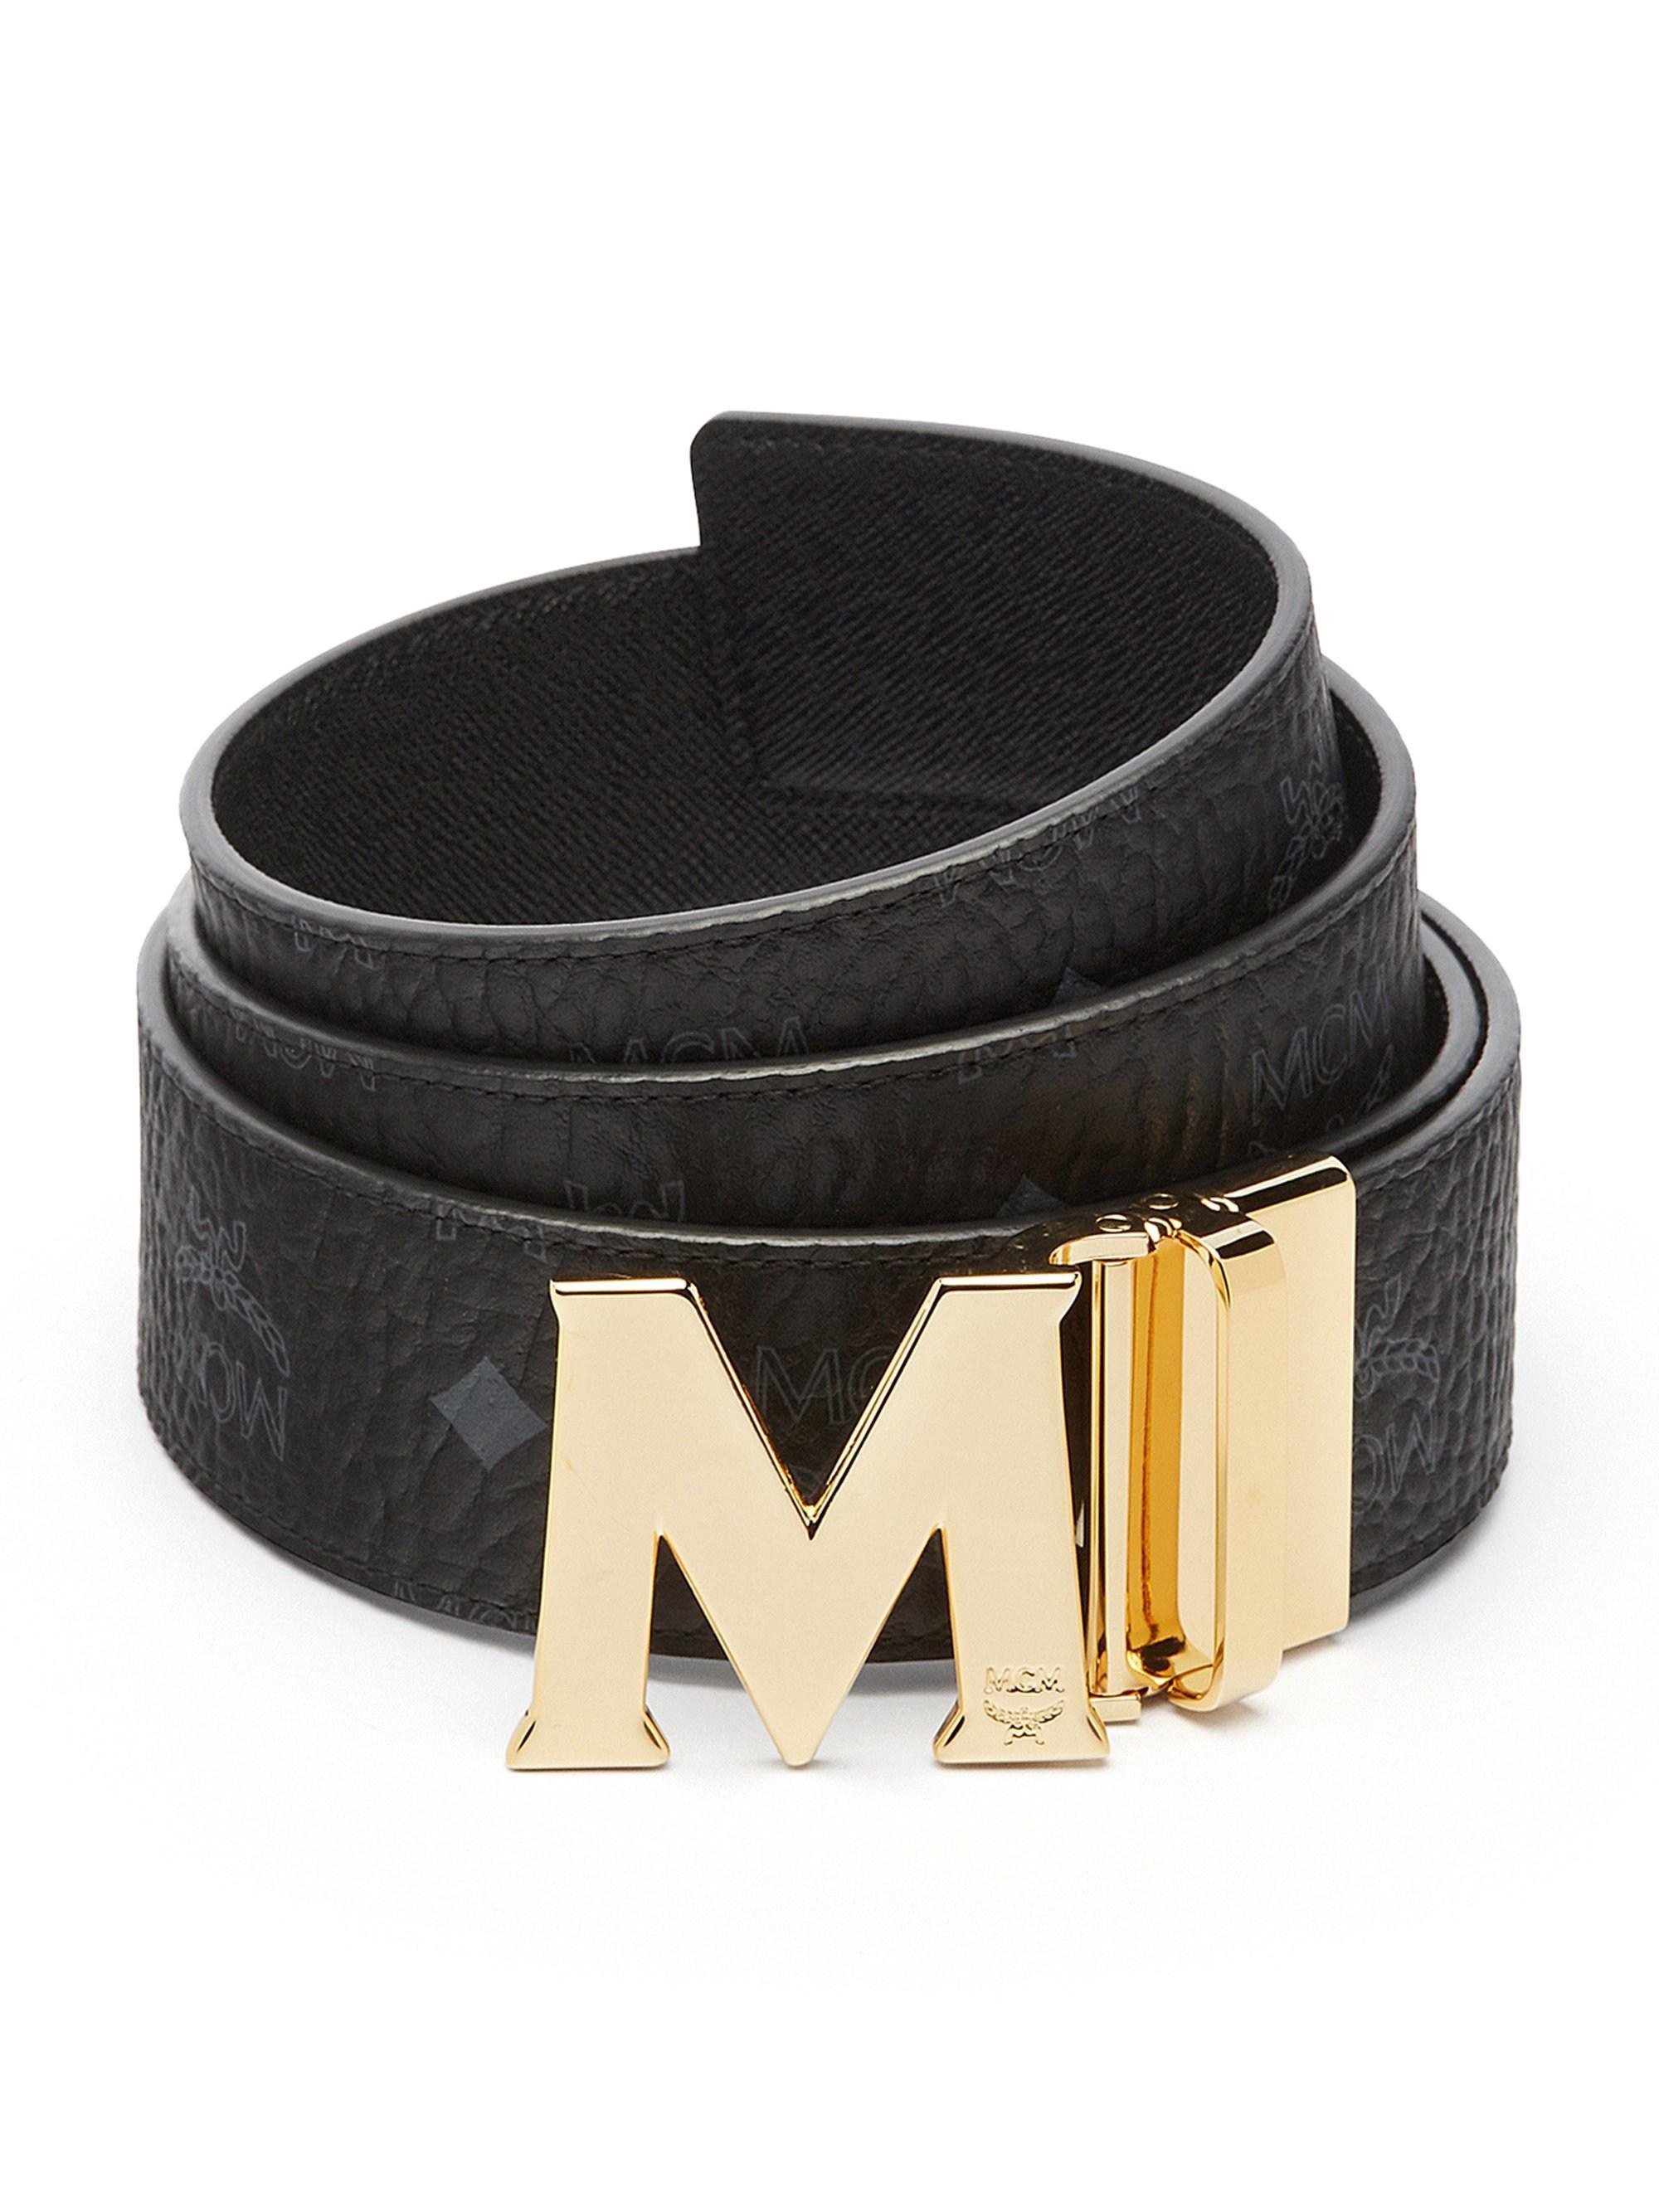 755581c4b89e Lyst - MCM Claus Reversible Belt (white) Men s Belts in Black for ...